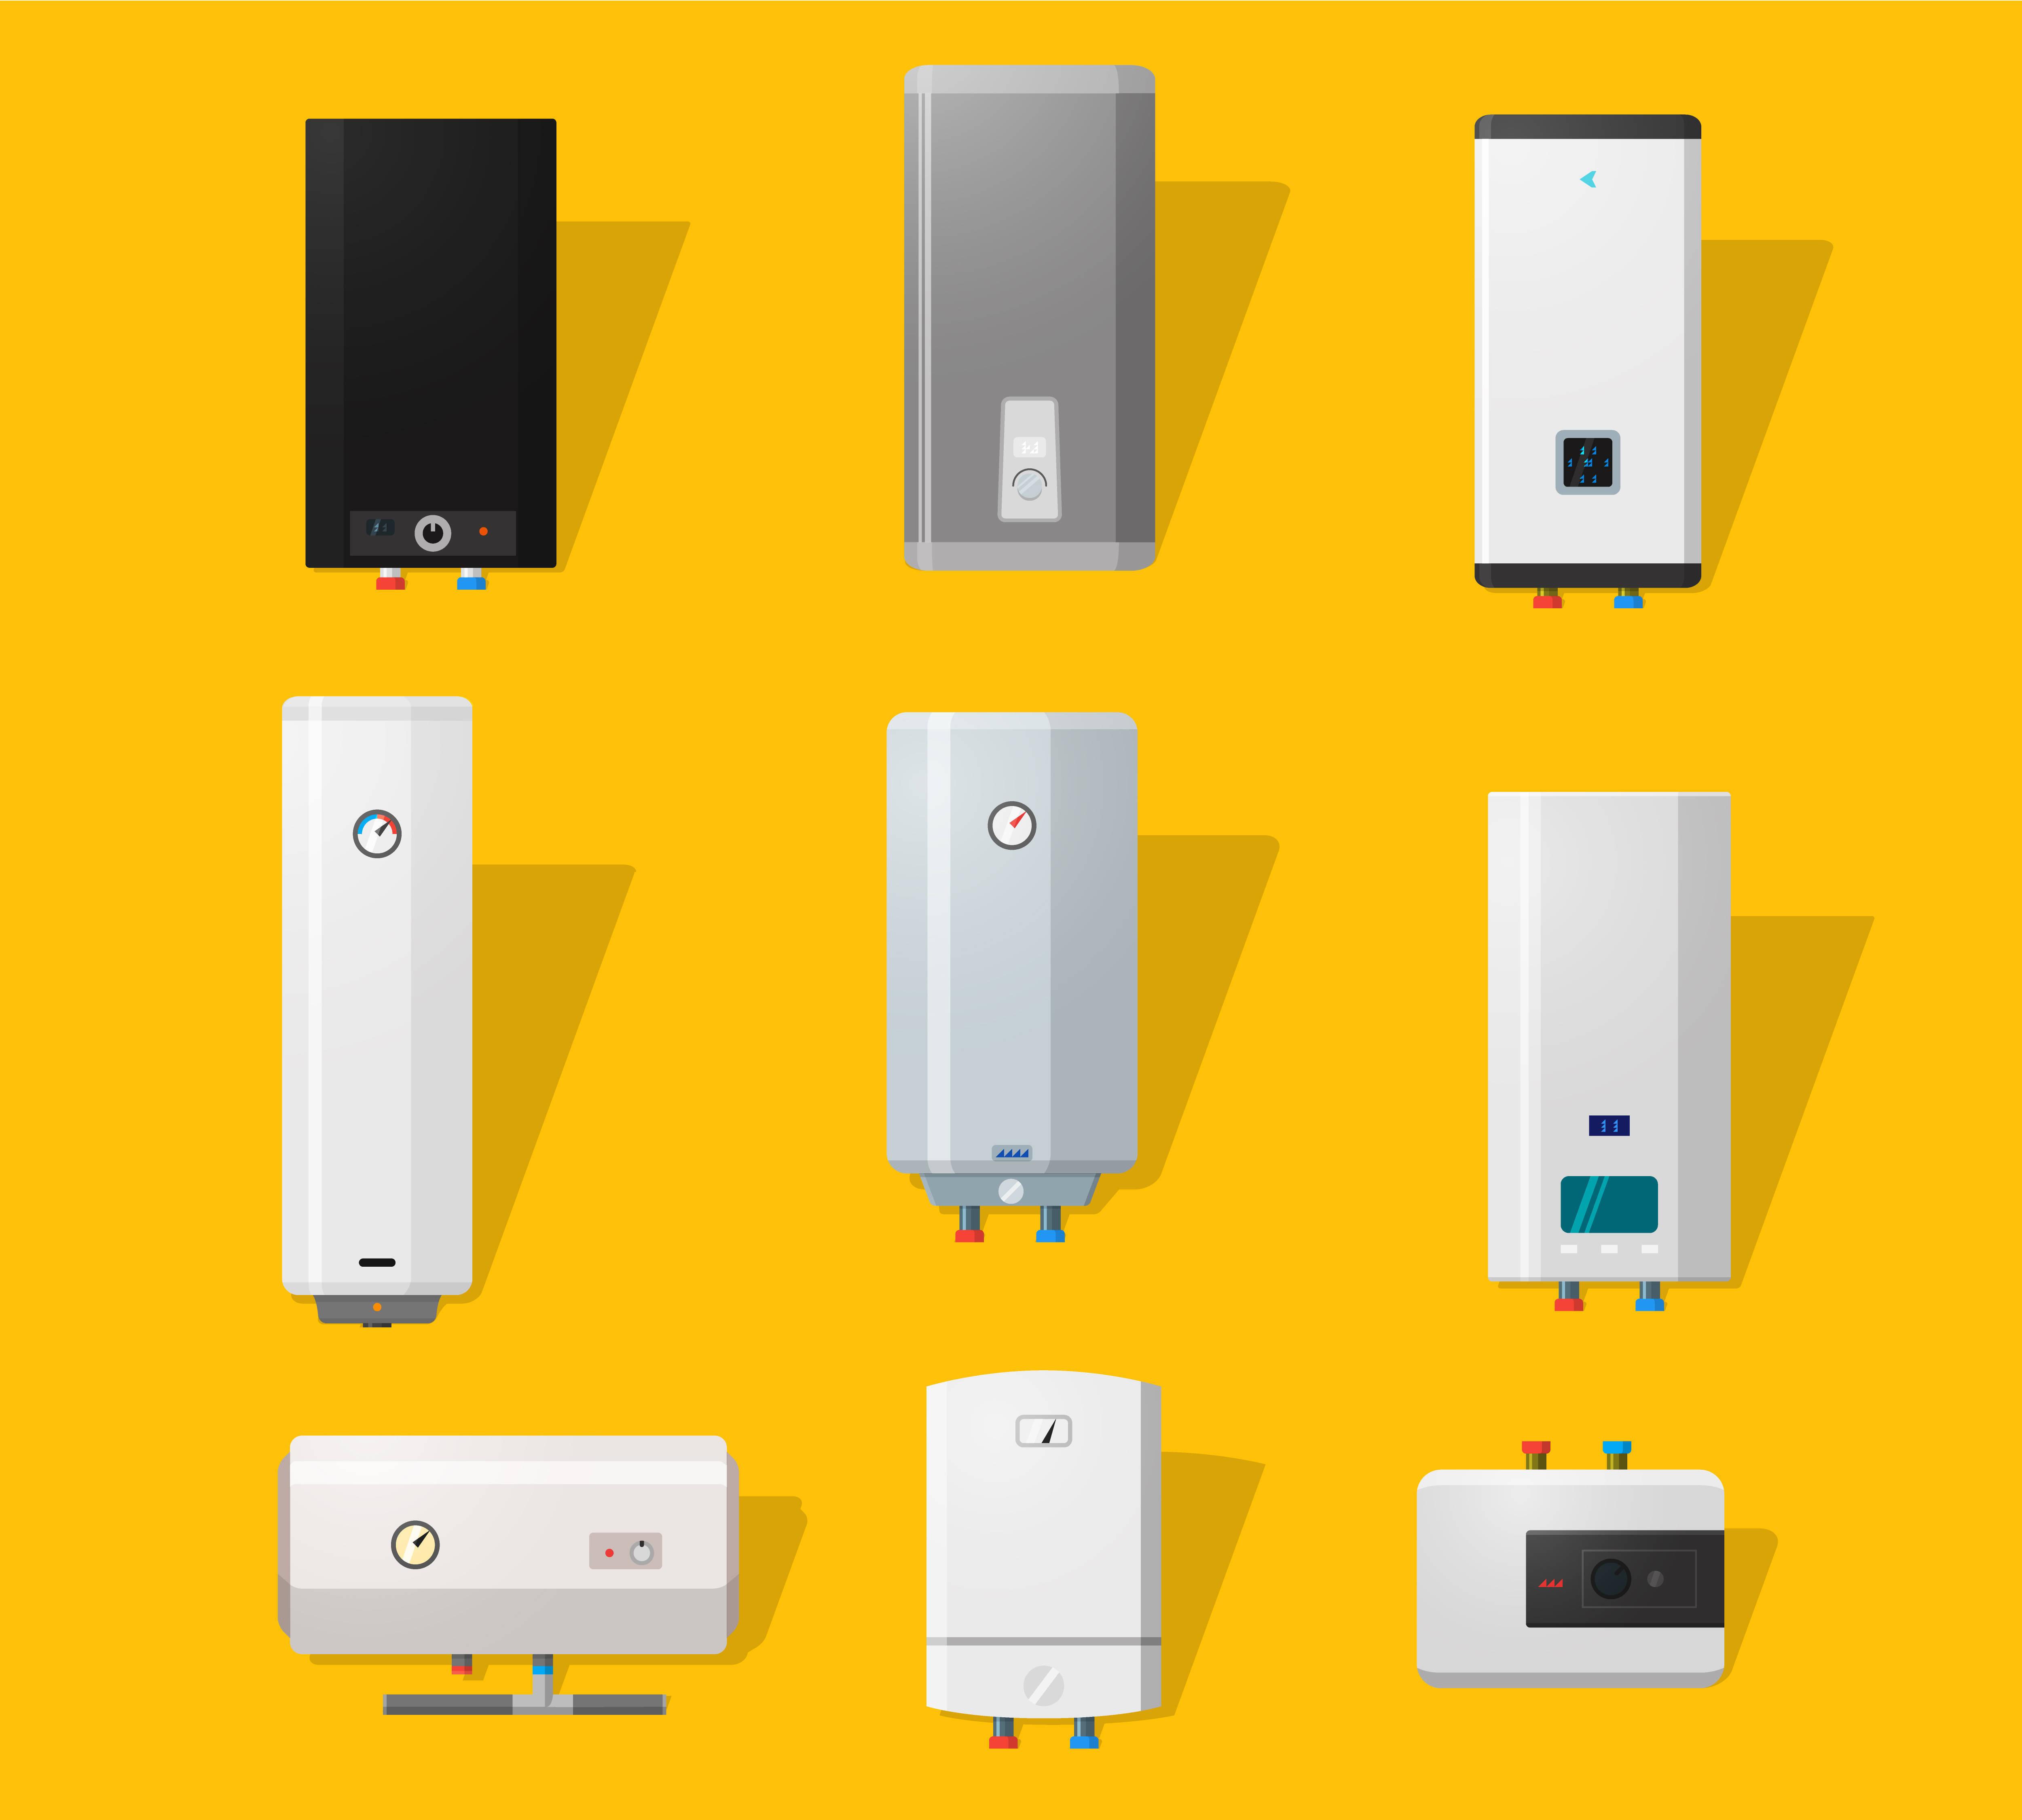 Un nuevo tipo de calefacción eficiente para tu hogar